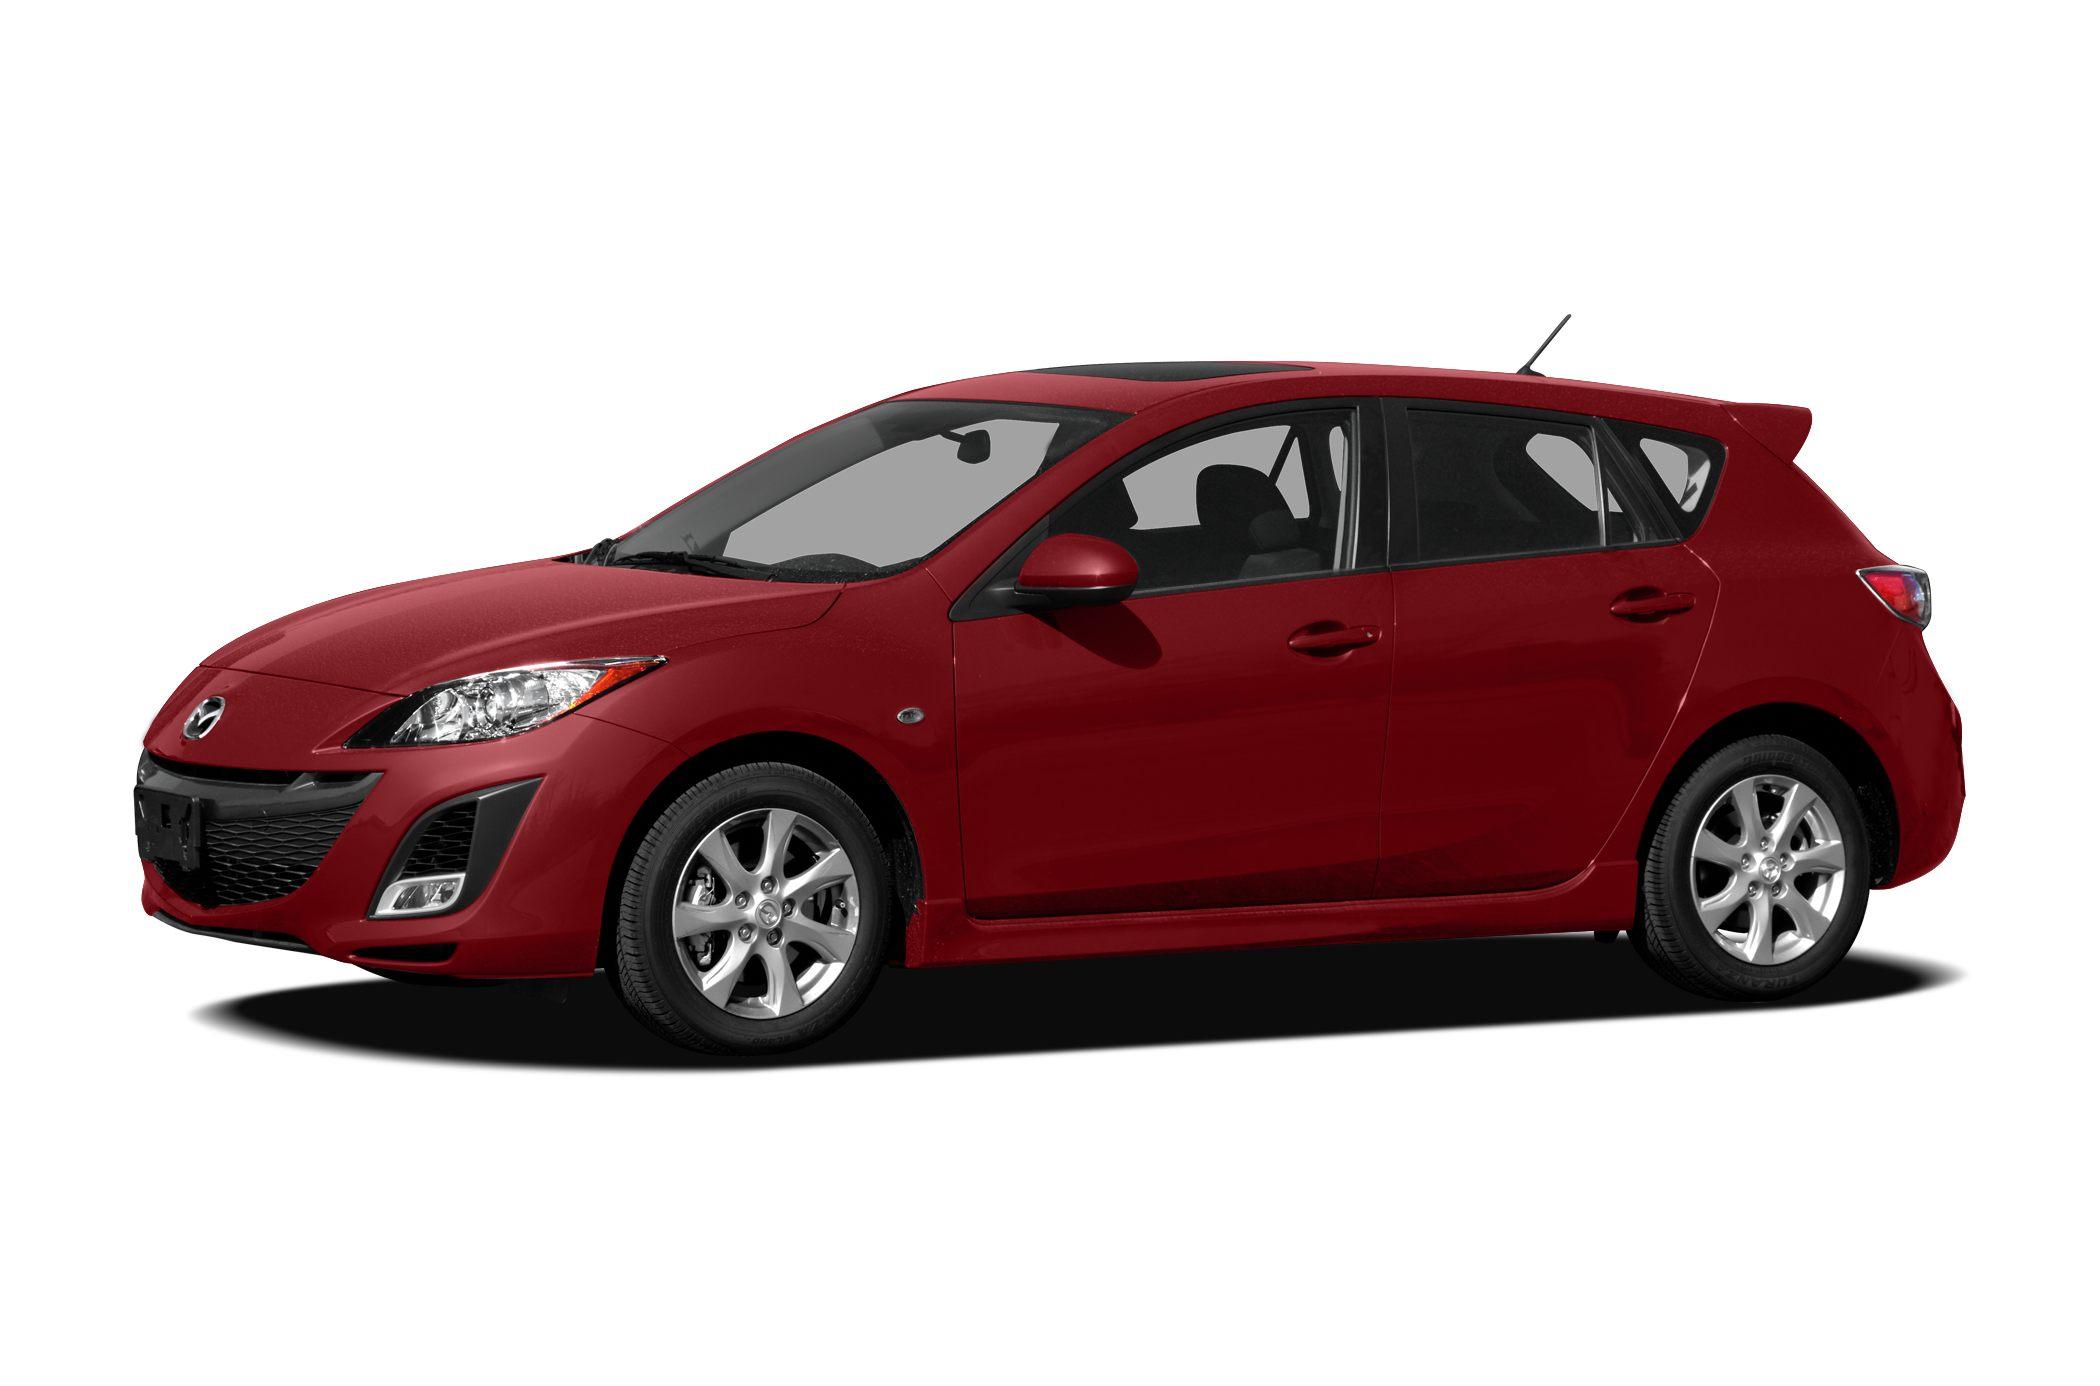 Kelebihan Kekurangan Mazda 3 Hatchback 2010 Murah Berkualitas